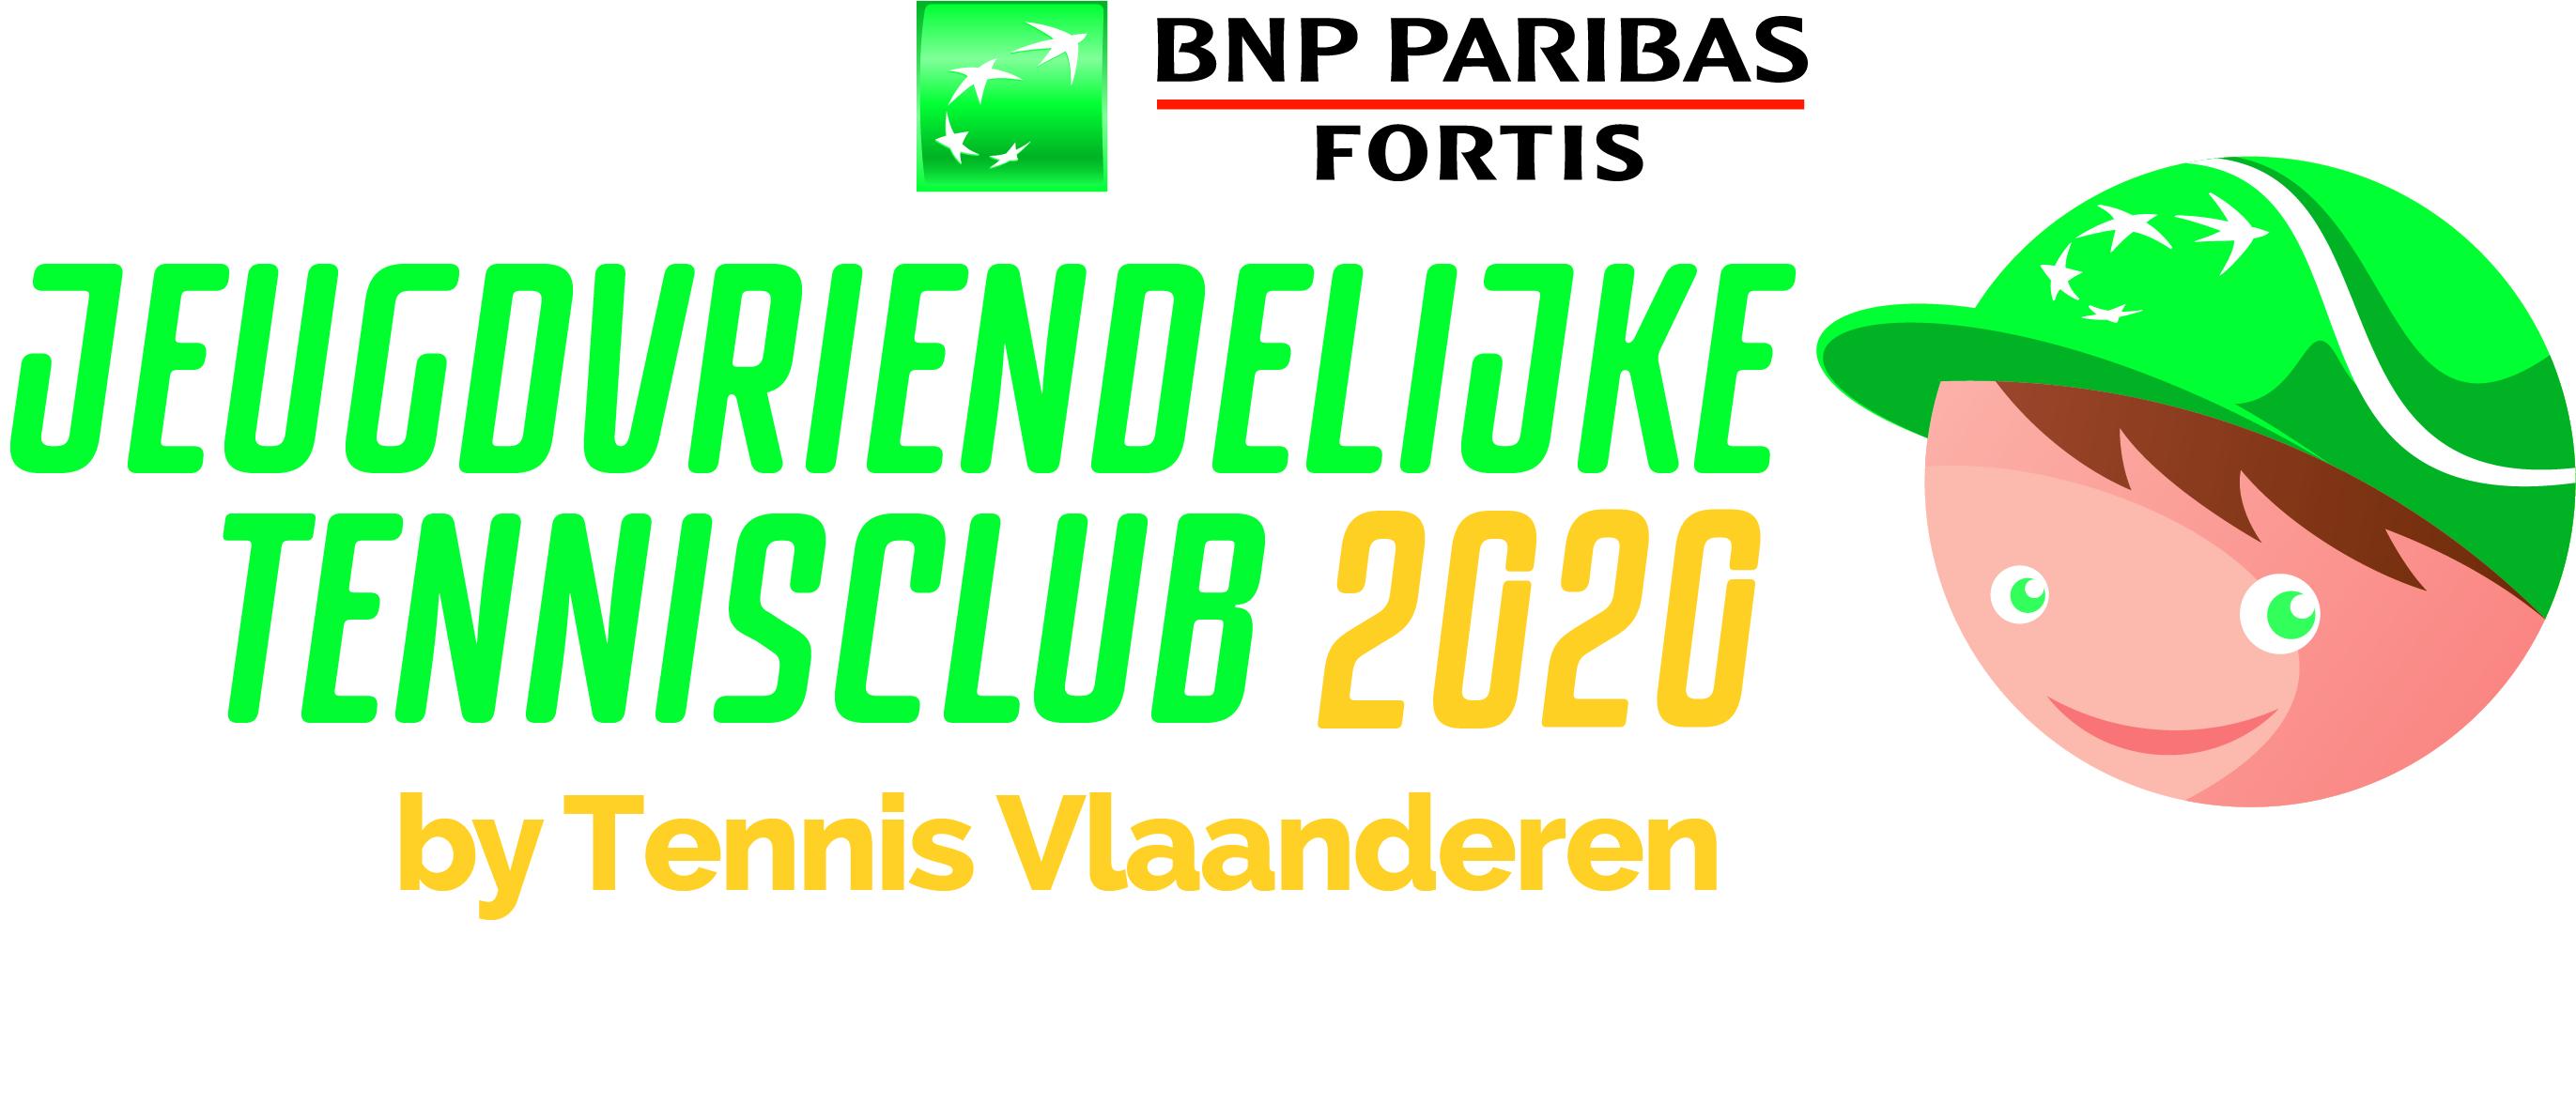 Opnieuw jeugdvriendelijke tennisclub!